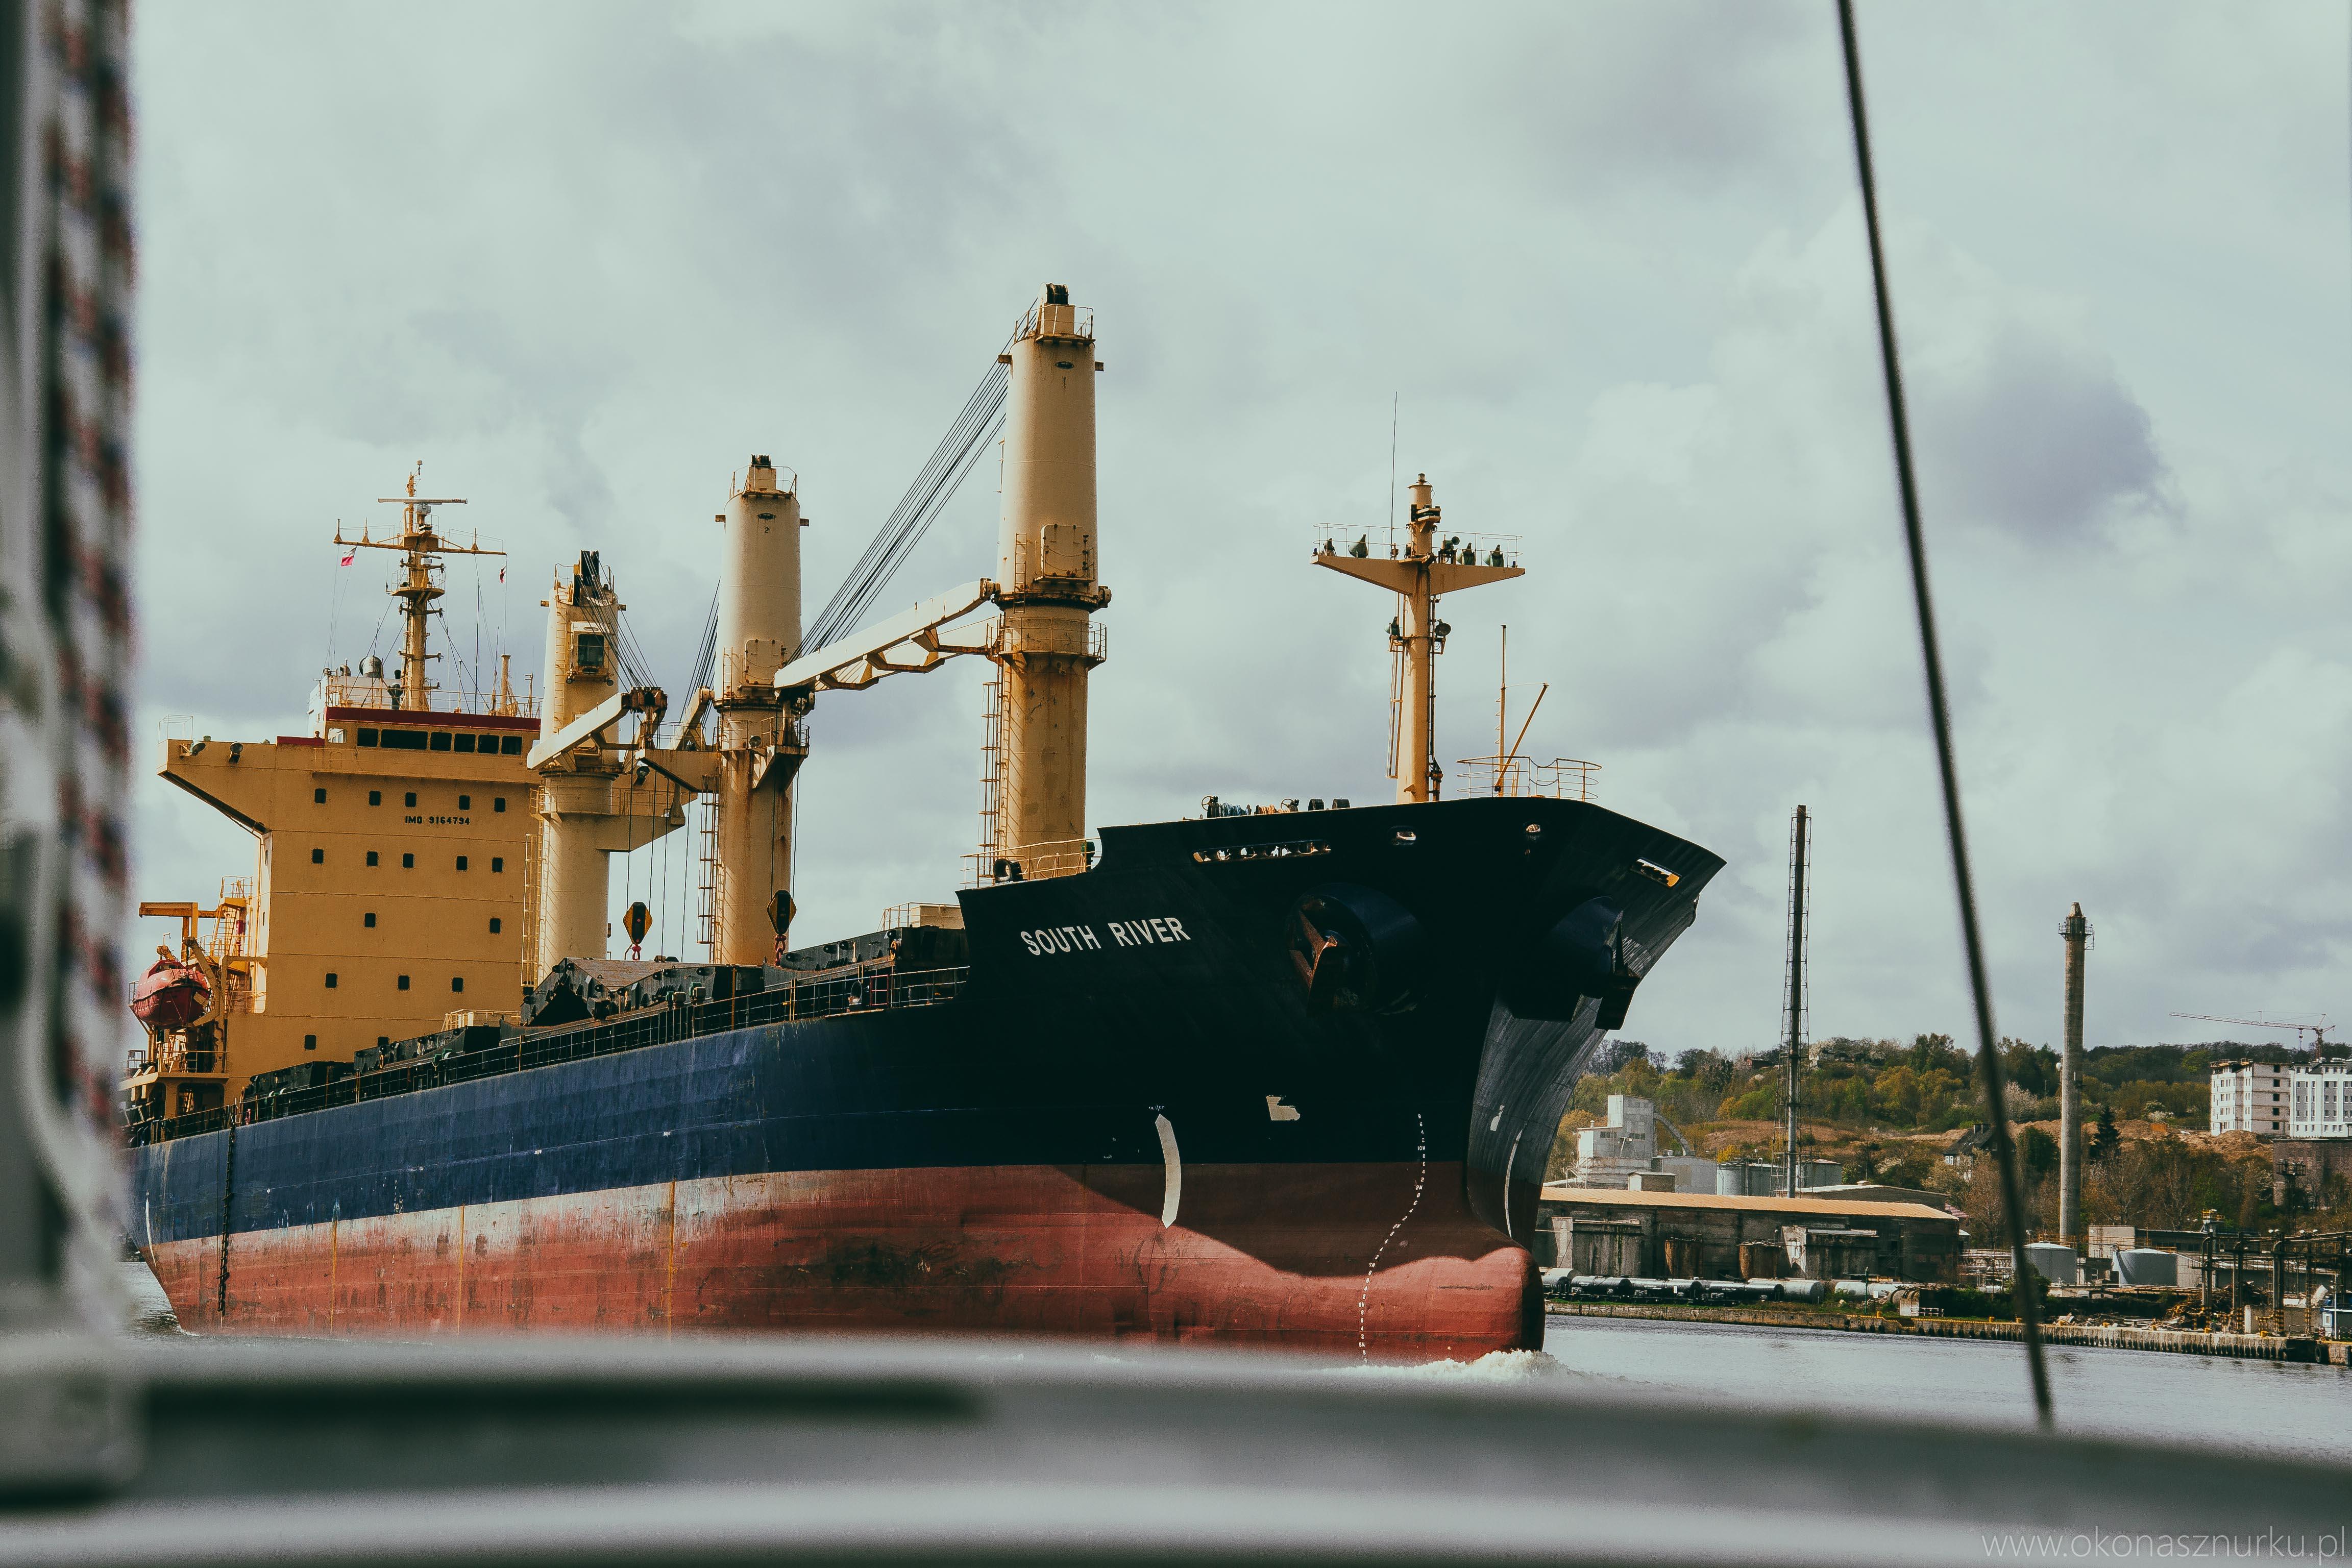 marina-jacht-wyprawy-morskie-silesia-szczecin-goclaw-lubczyna (29)